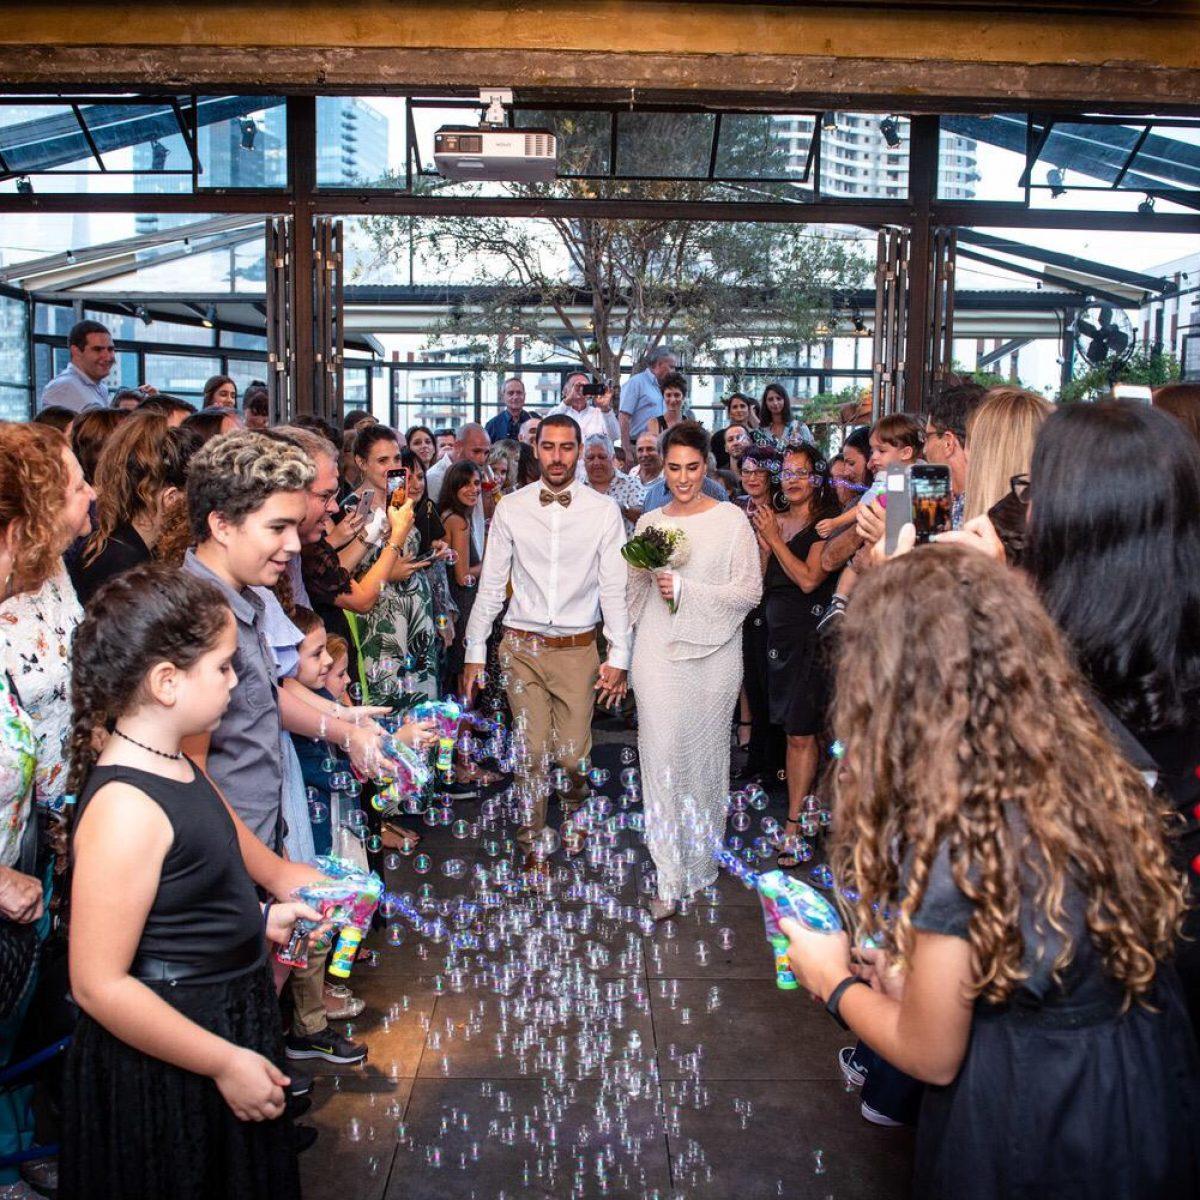 אירוע חתונה חתן וכלה נכנסים בעוד ילדים יורים בועות סבון - A wedding event a bride and groom approaching while kids shooting bubbles at the front